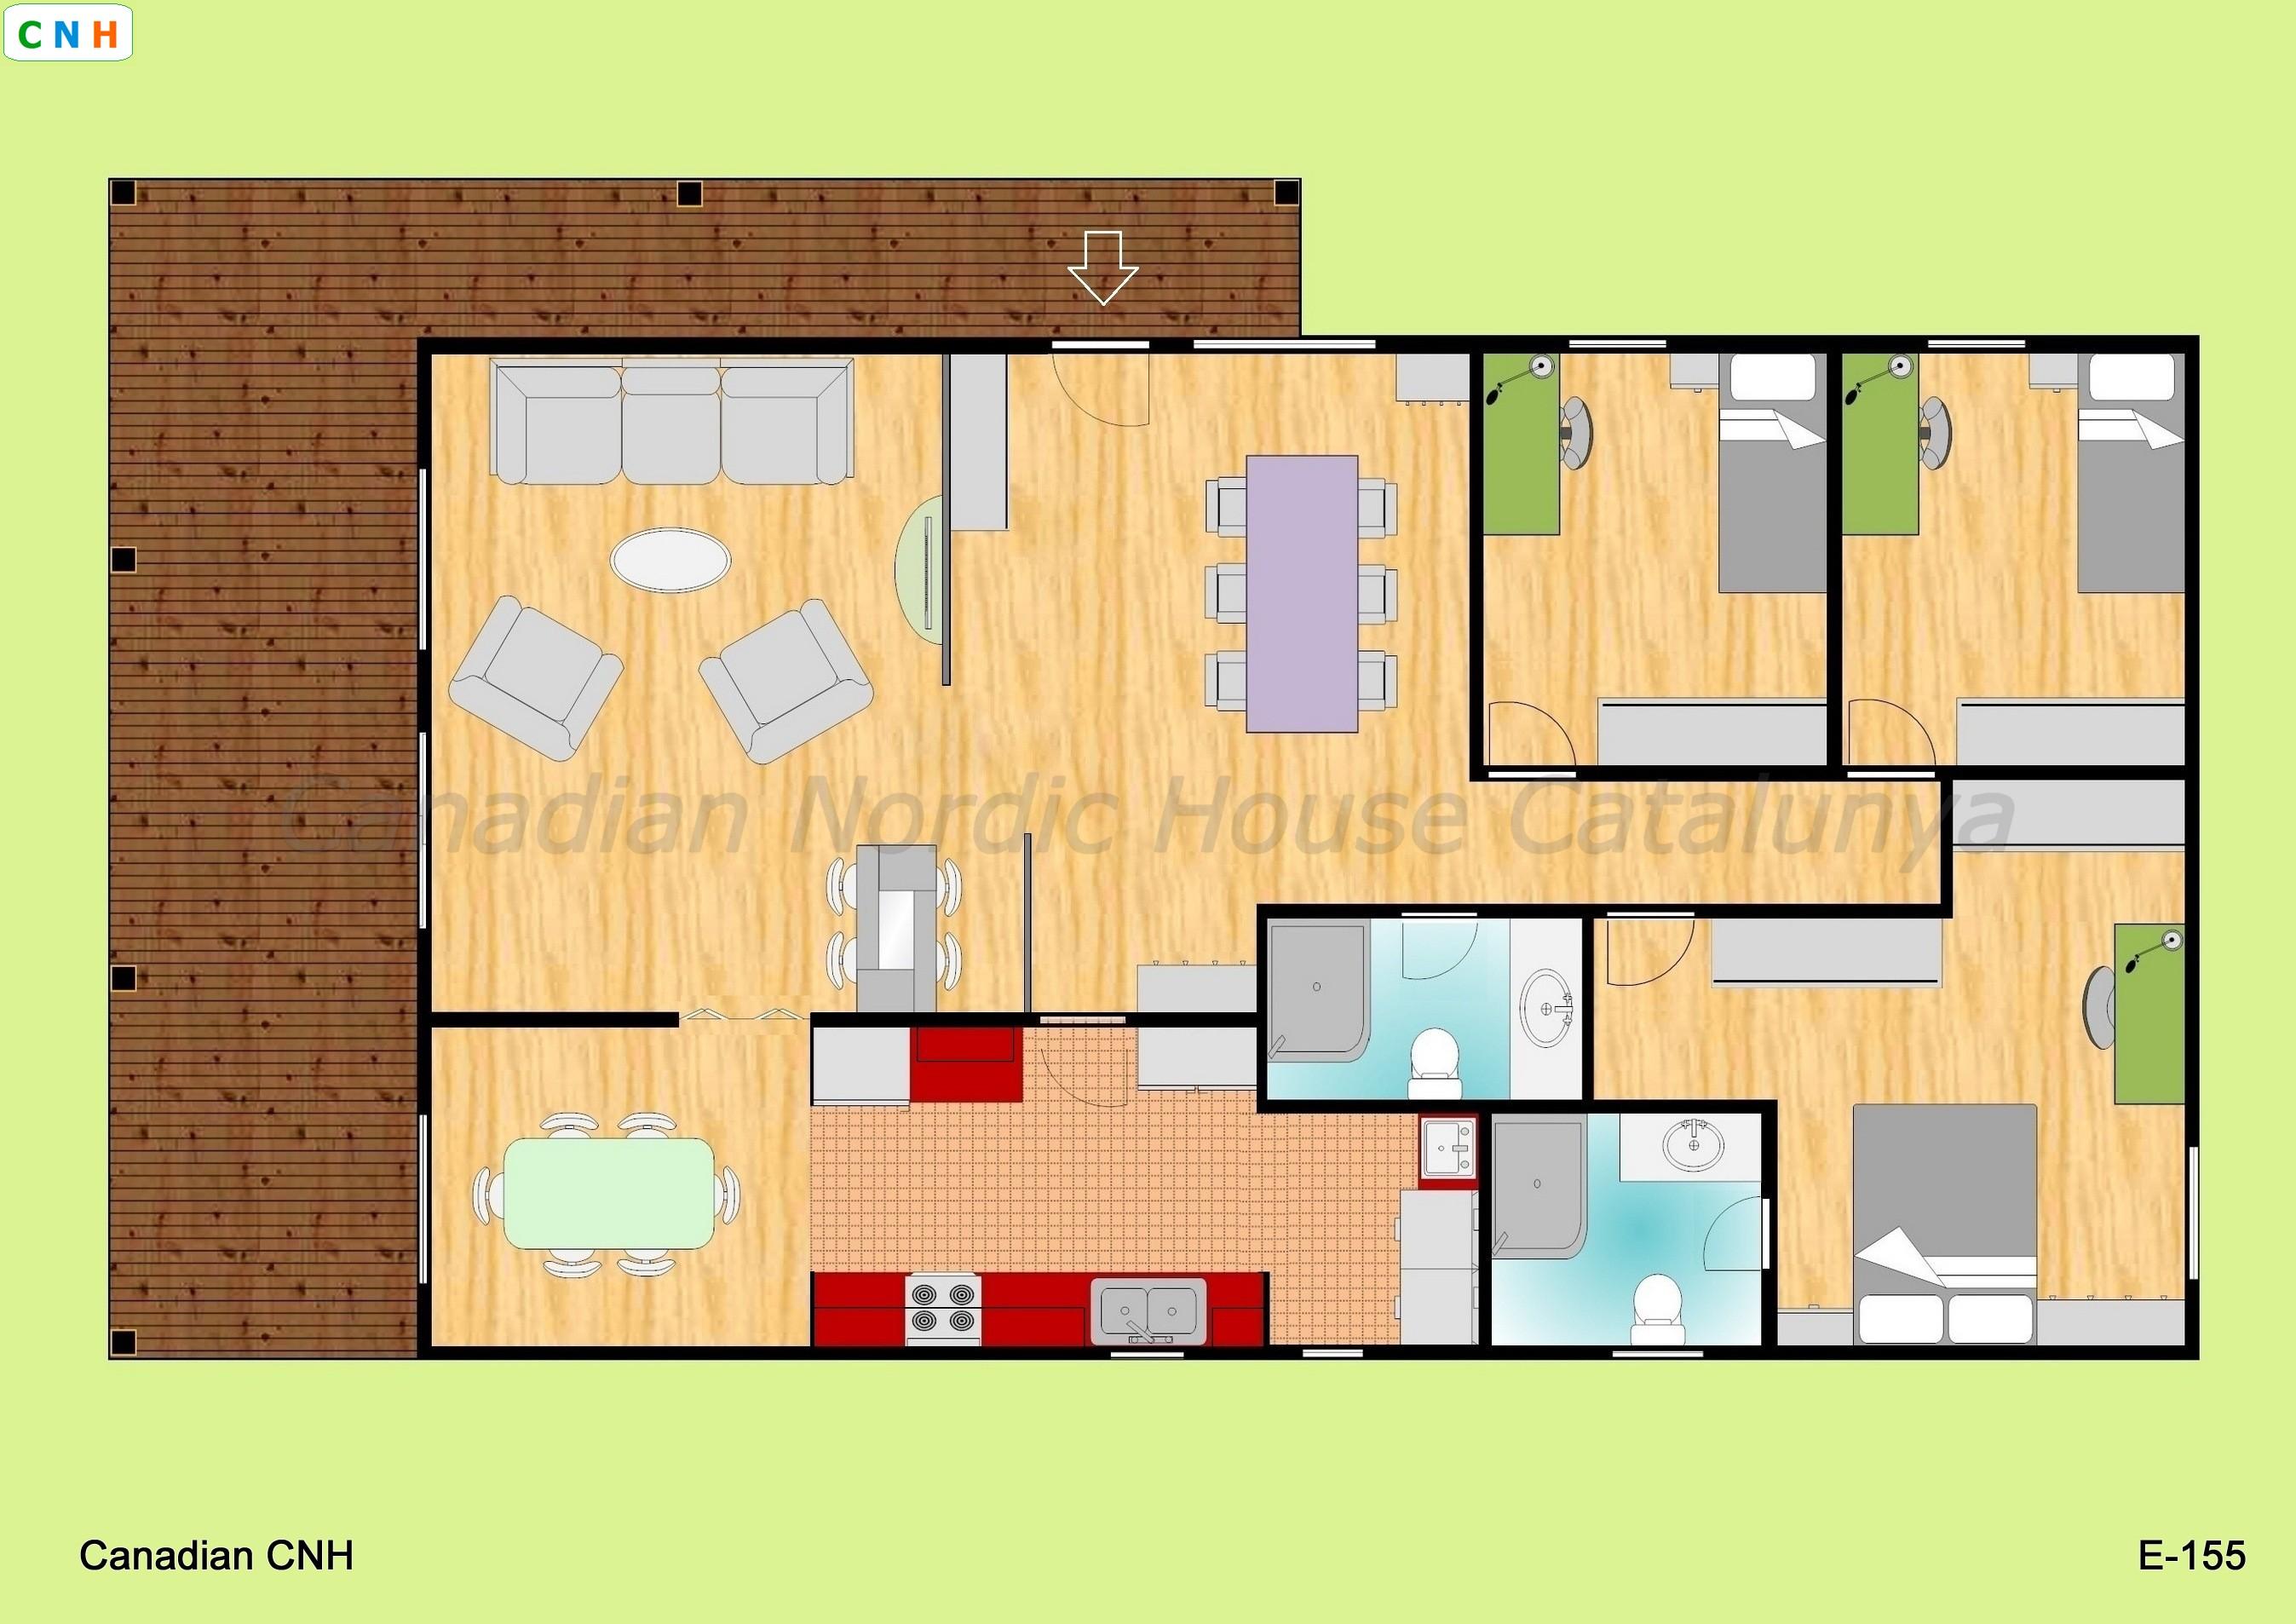 3 habitaciones - Construcciones de casas de madera ...